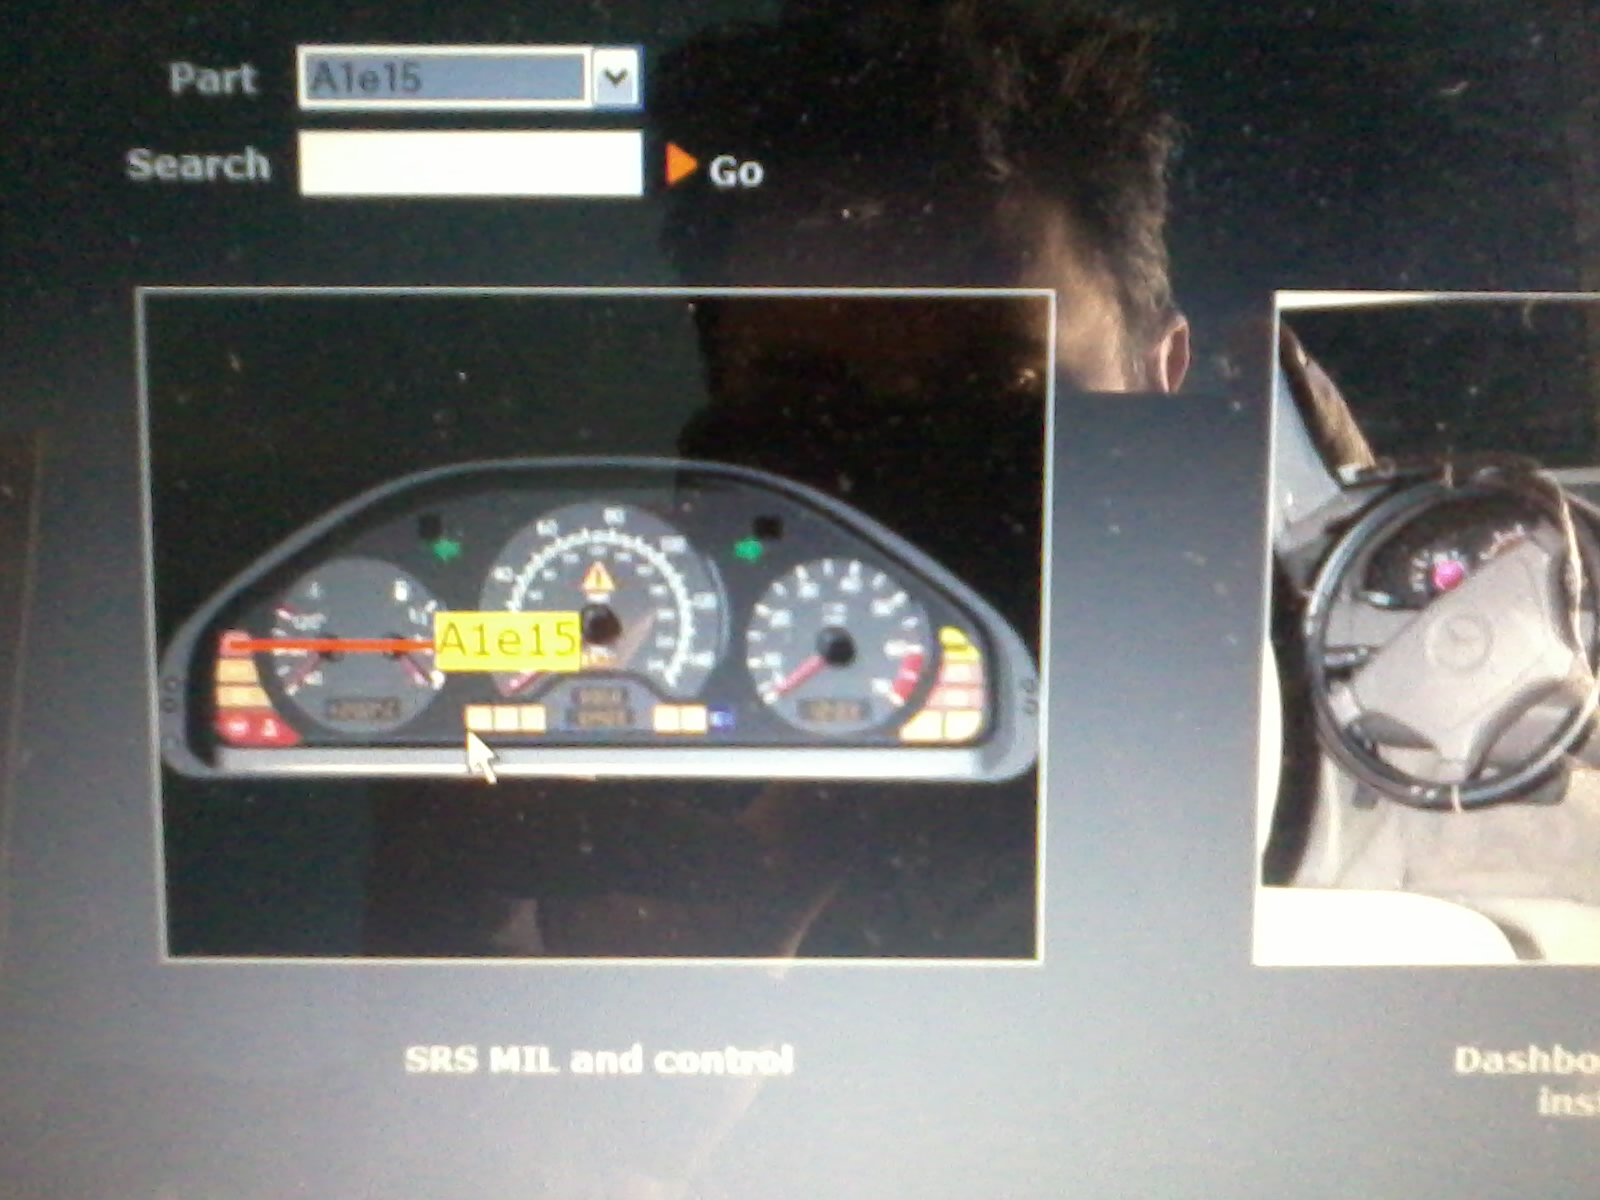 Ajuda Relé de Sobrecarga, Controle de estabilidade (ASR) e reset avarias Star Diagnósis (C280 98) 2uj708w